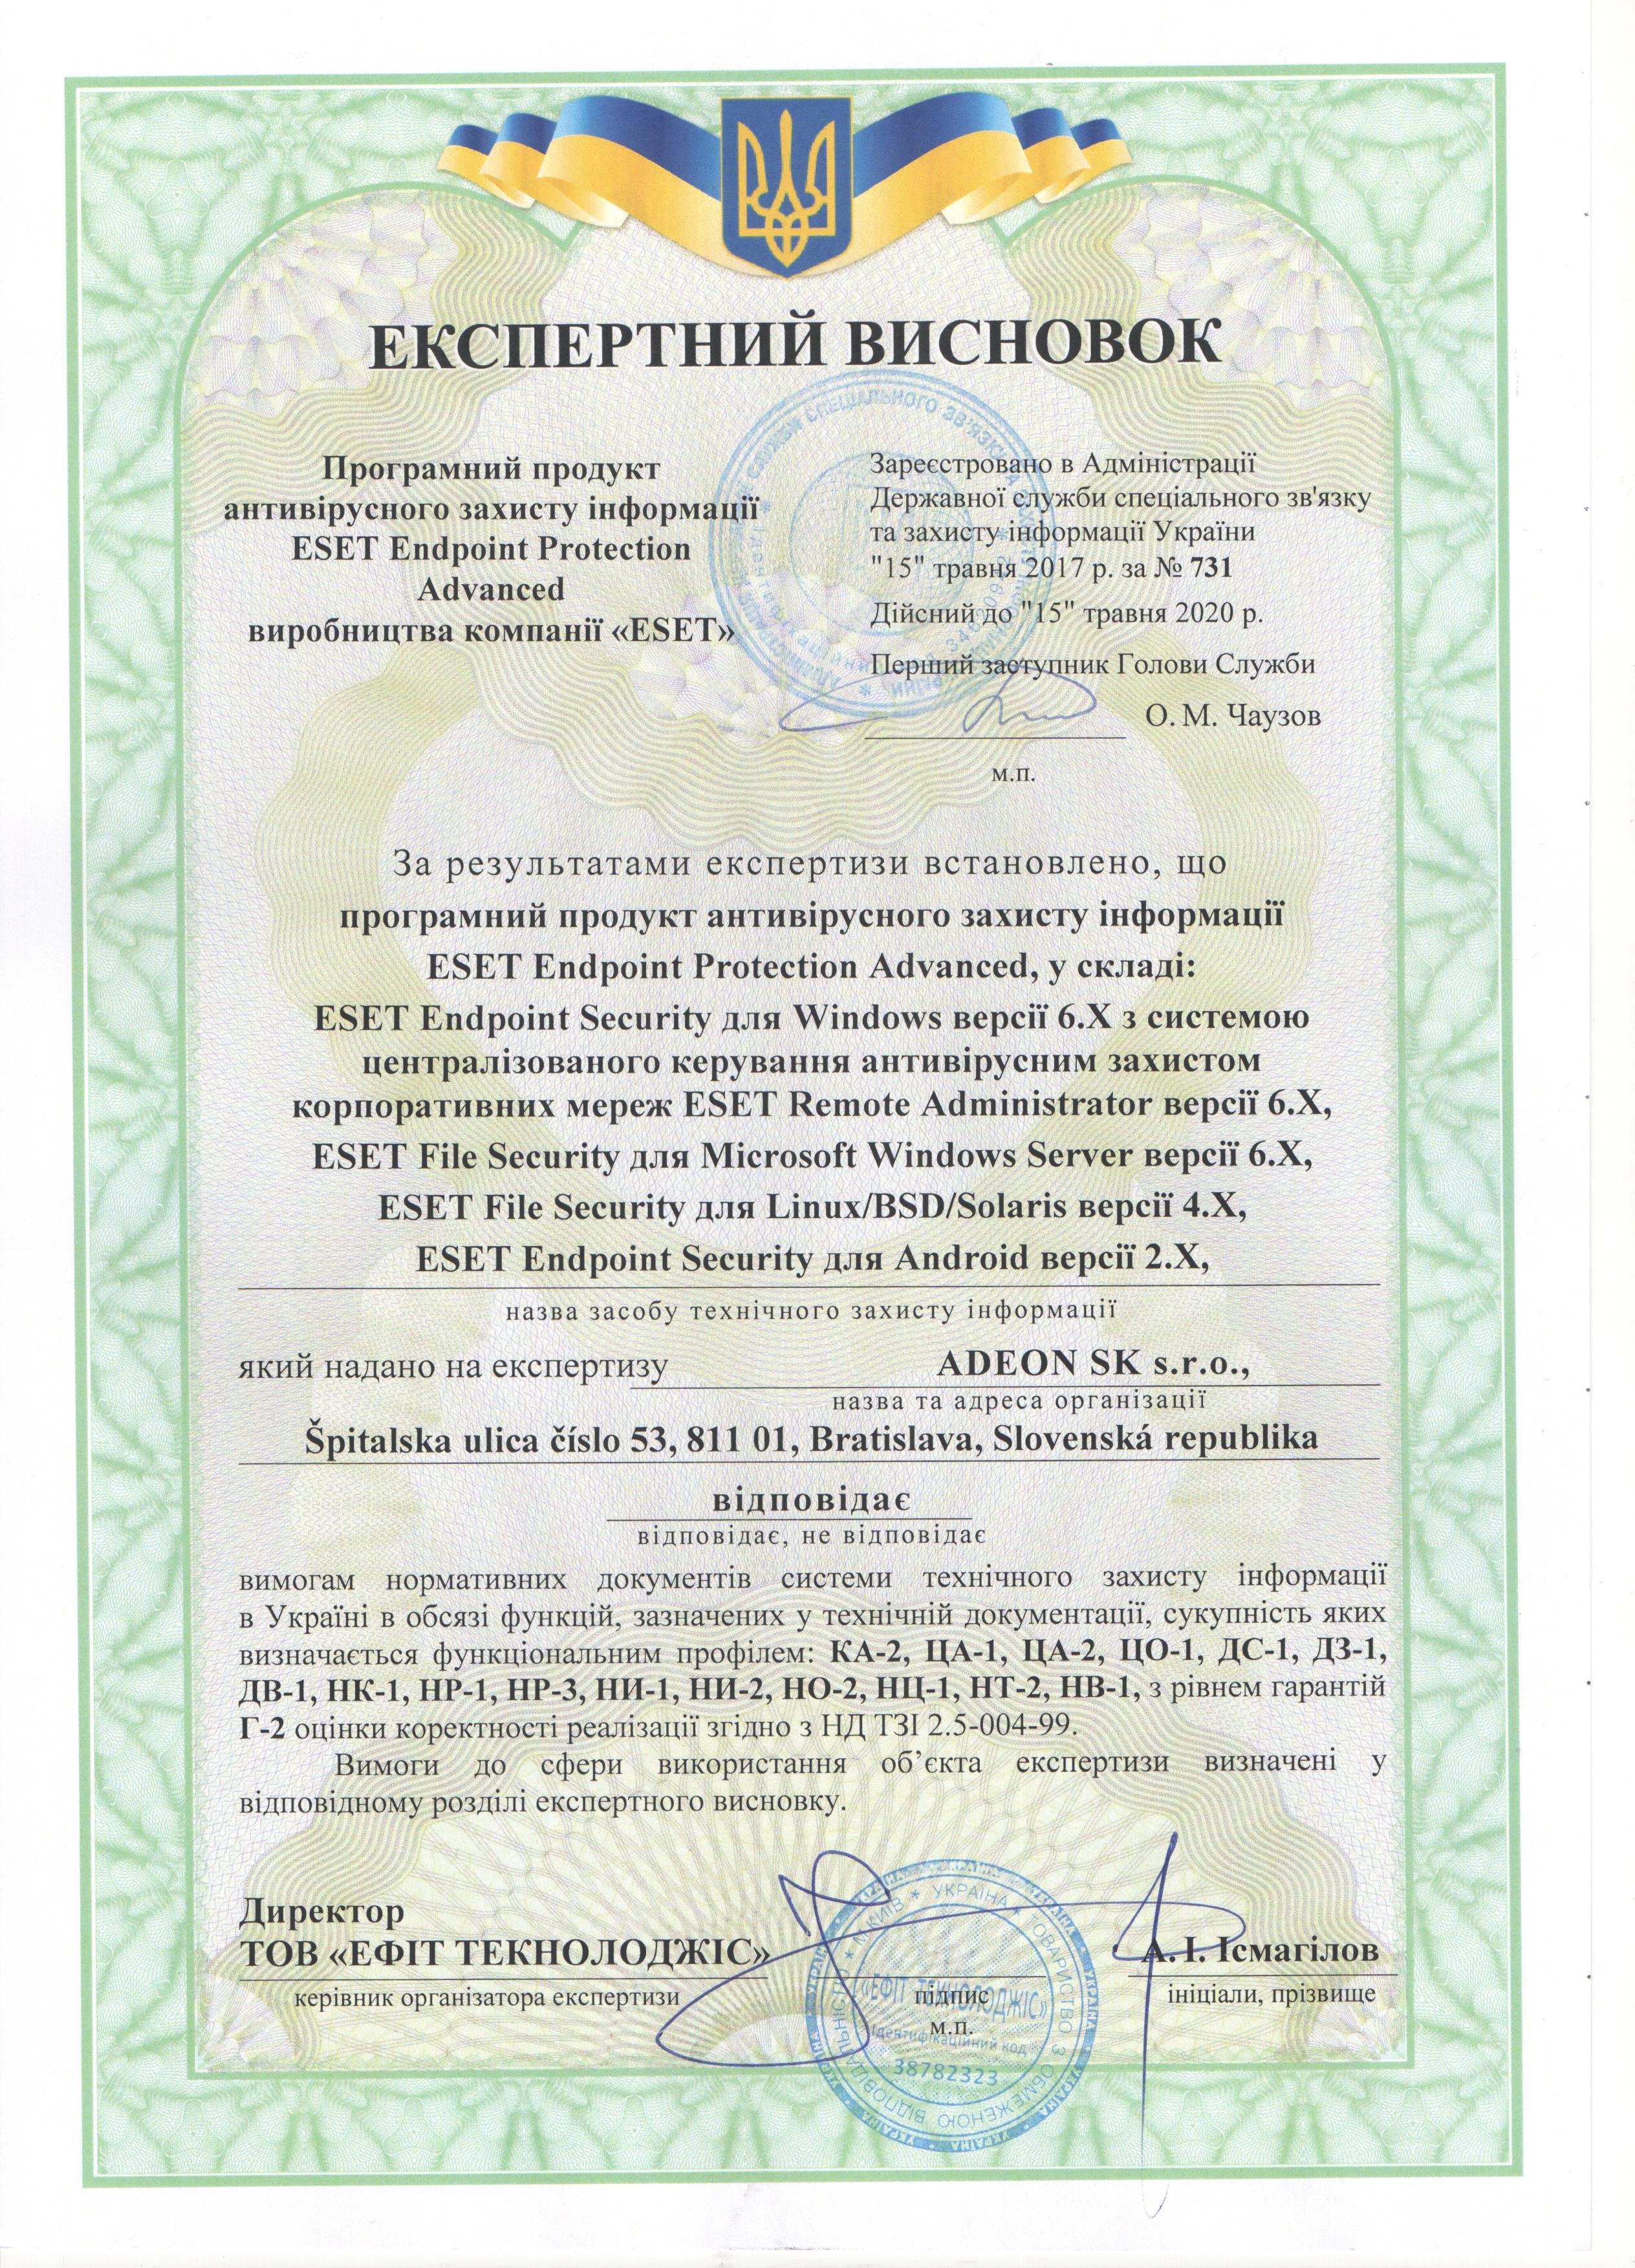 Експертні висновки ДССЗЗІ України